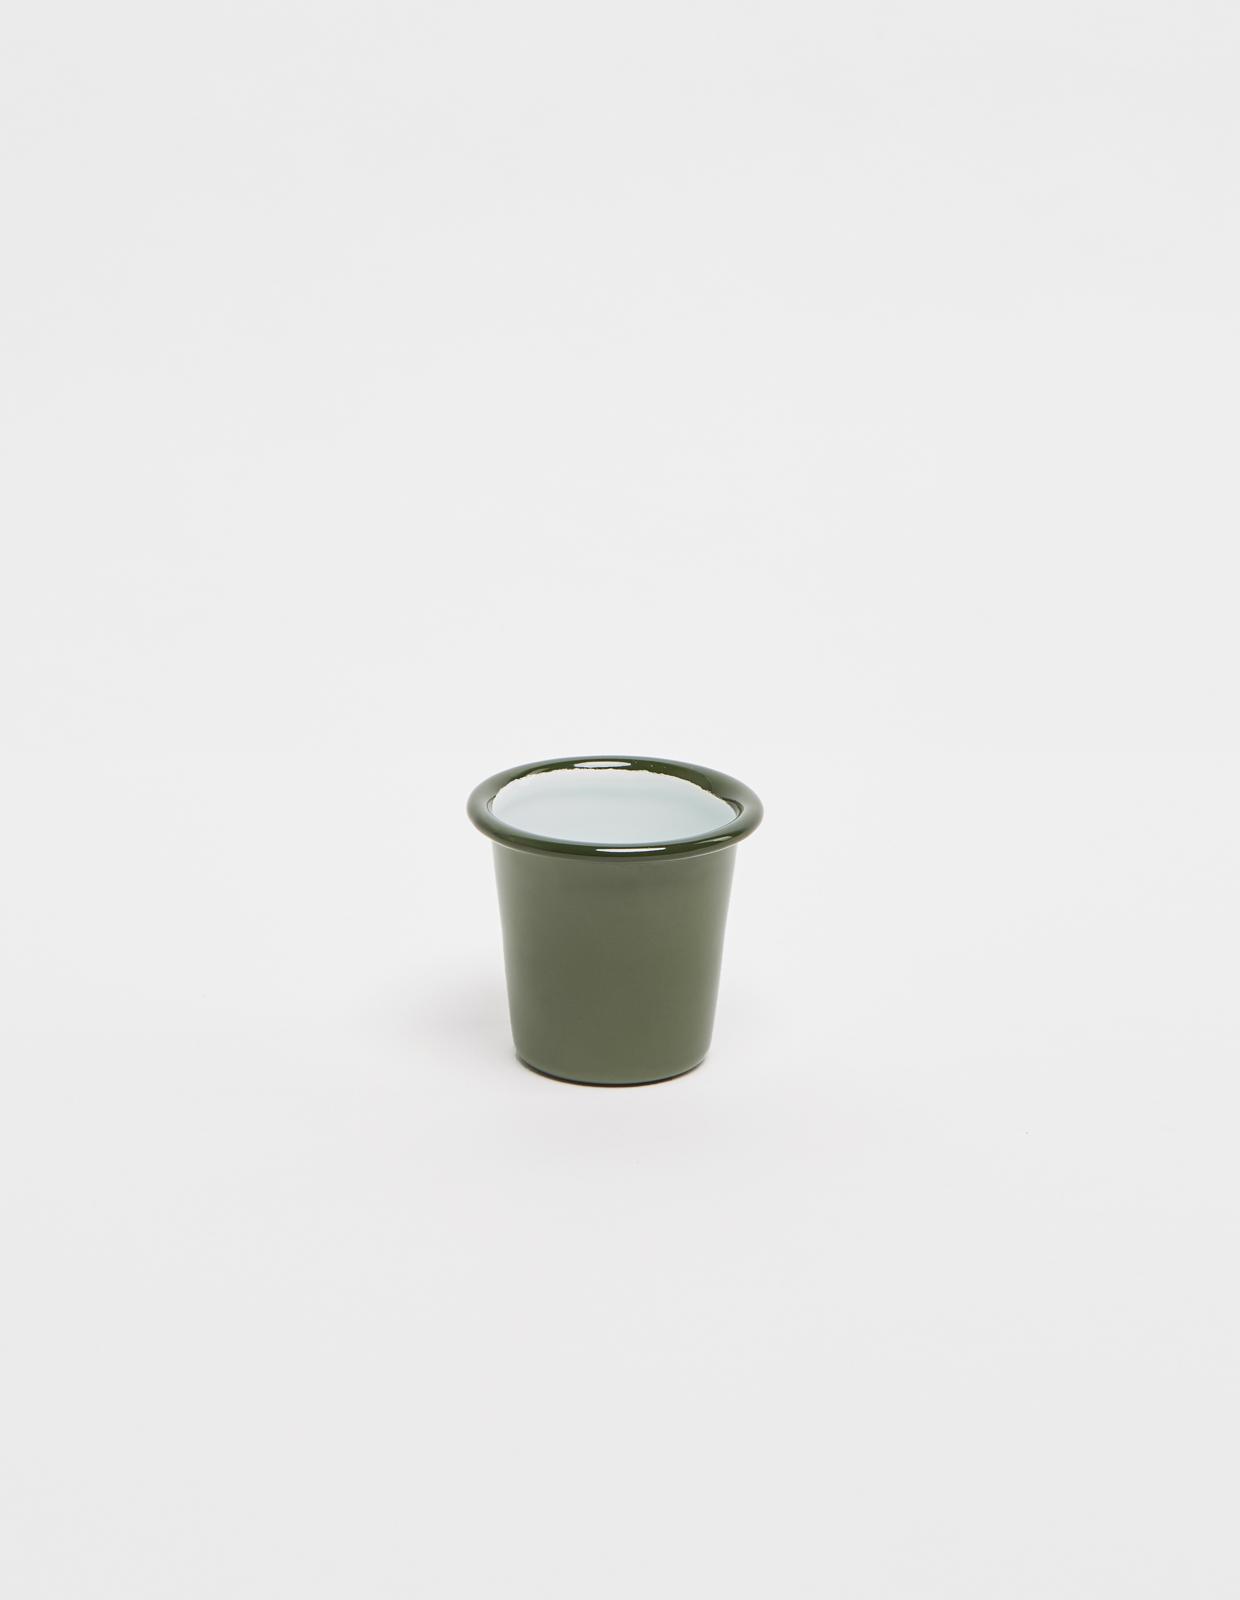 Мини стакан FALCON дымчато-зеленый